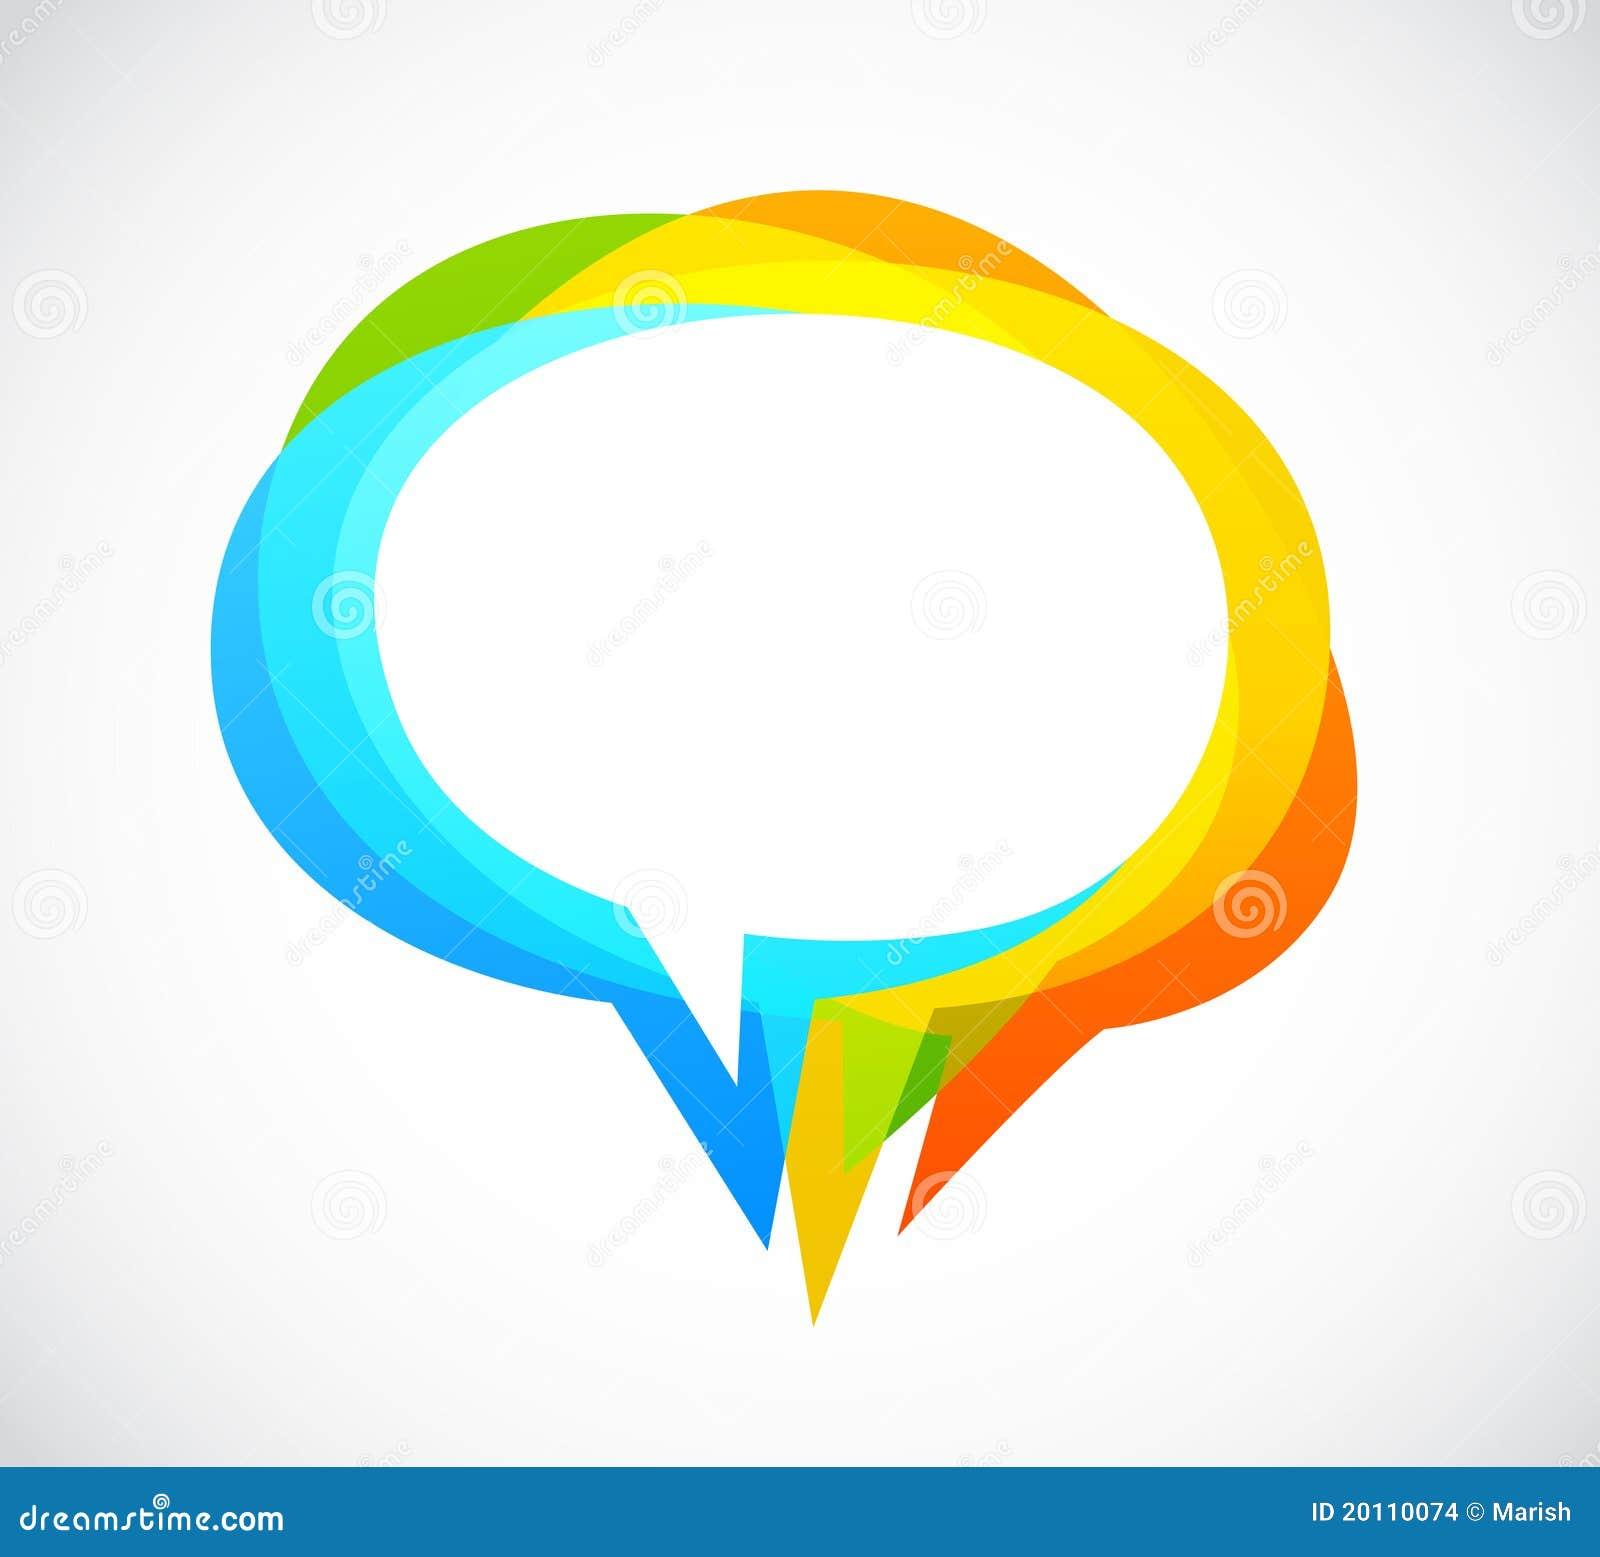 Bulle de la parole - fond abstrait coloré